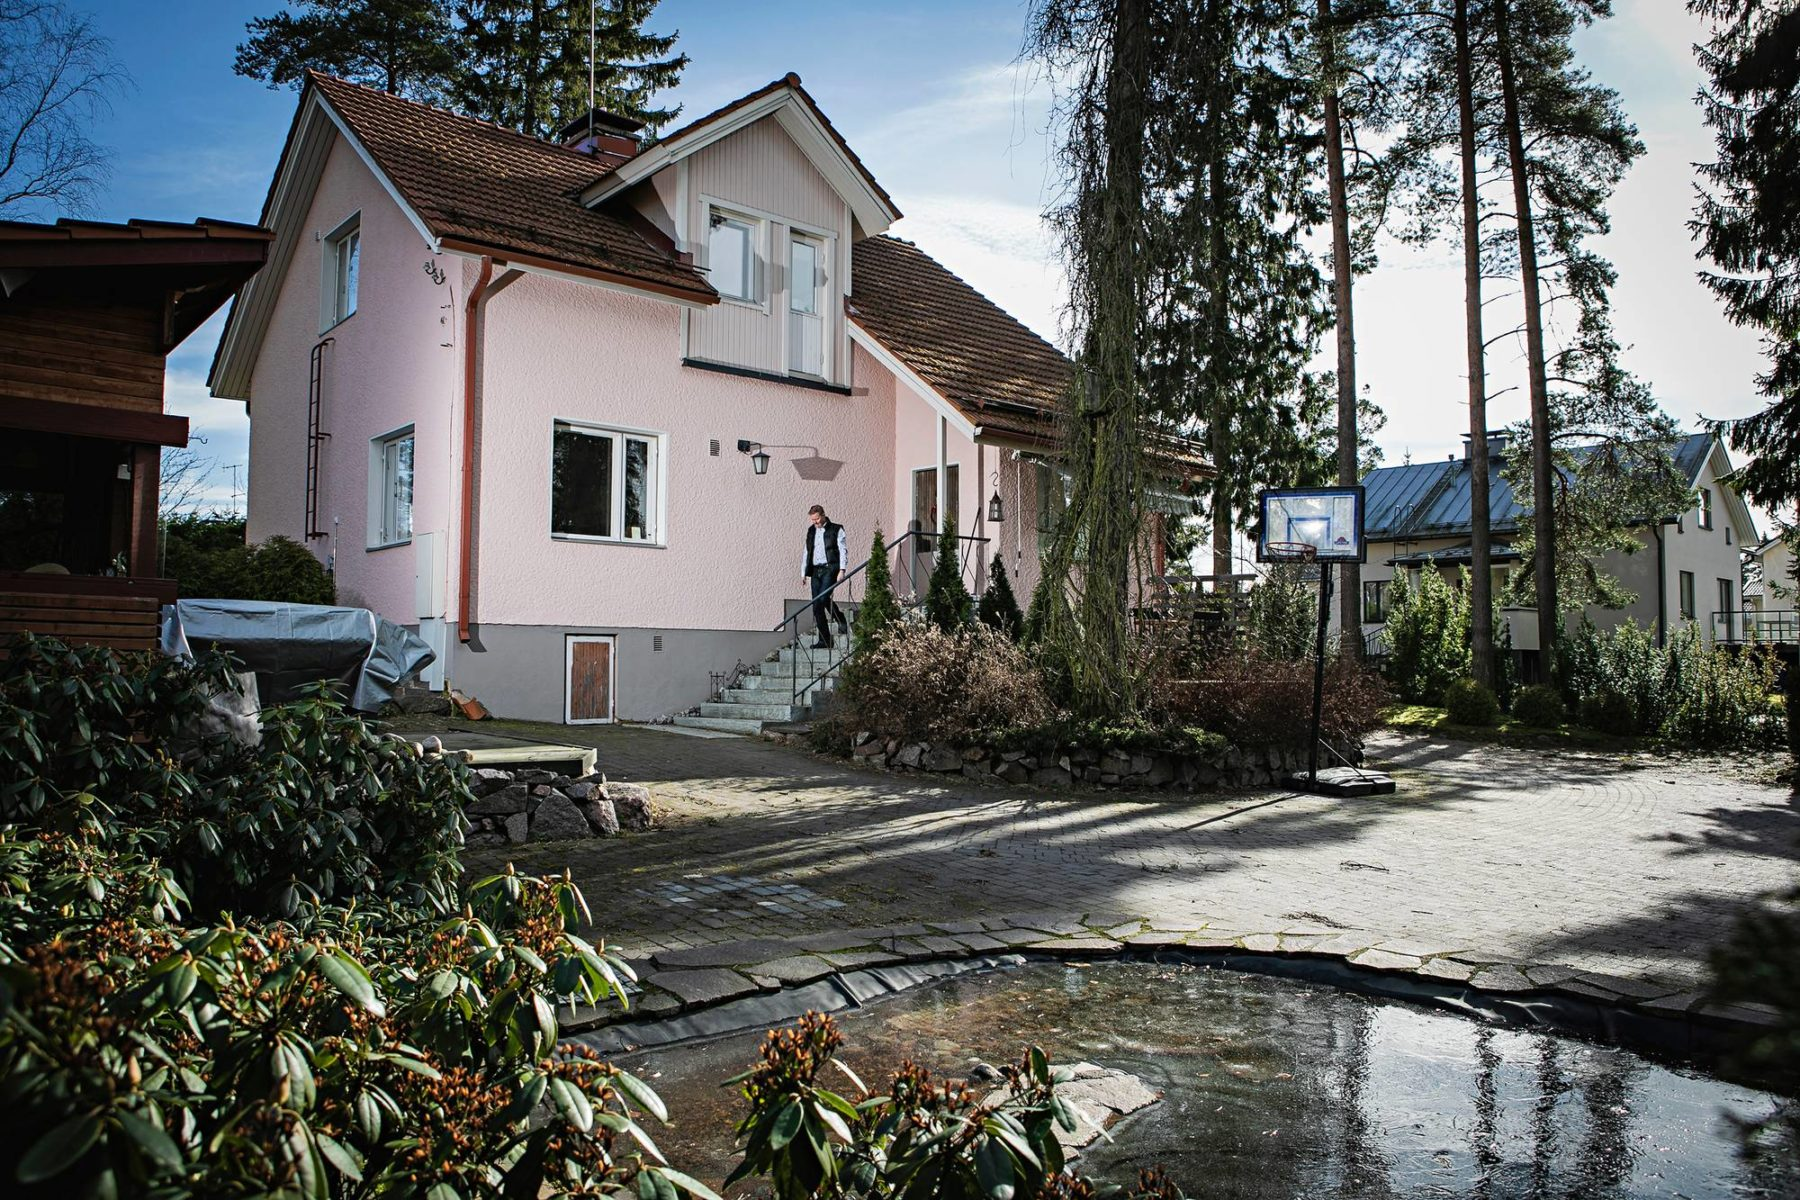 Saarikosken omakotitalo sijaitsee Espoon Lintuvaarassa. Monet öljylämmittäjät asuvat kuitenkin seuduilla, joiden elinvoima hiipuu.